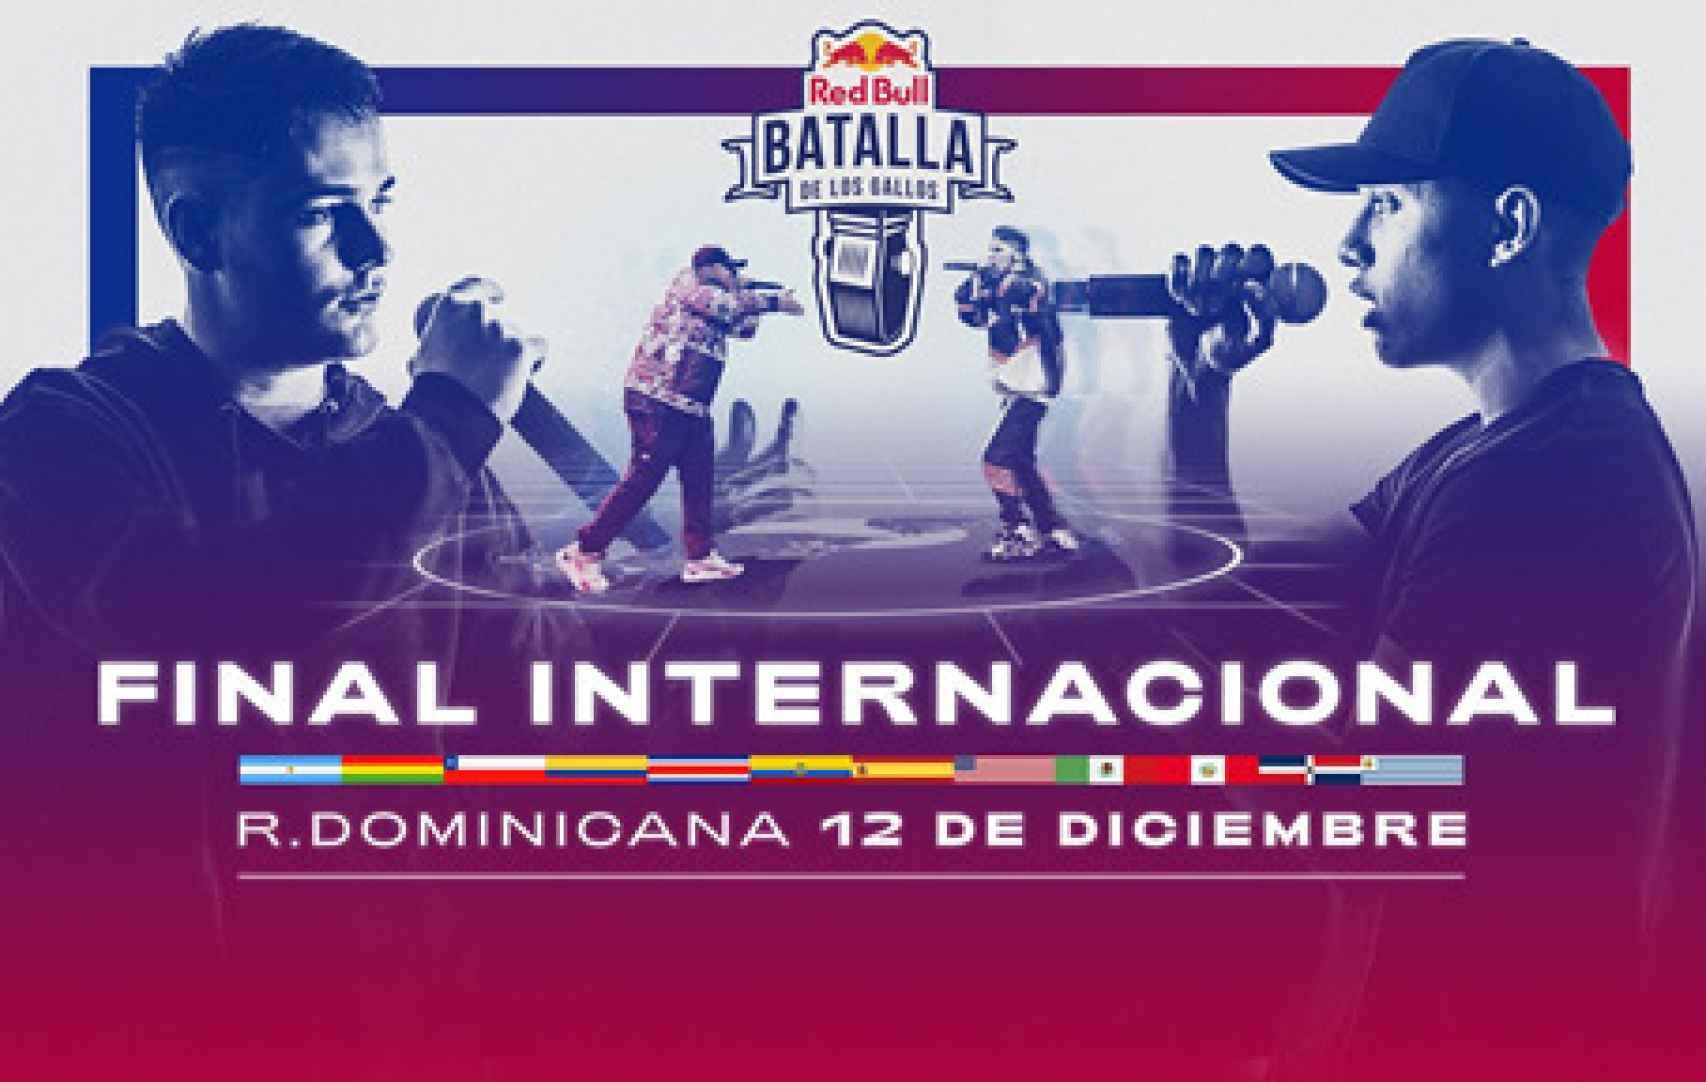 Final Internacional de Red Bull Batalla de los Gallos 2020